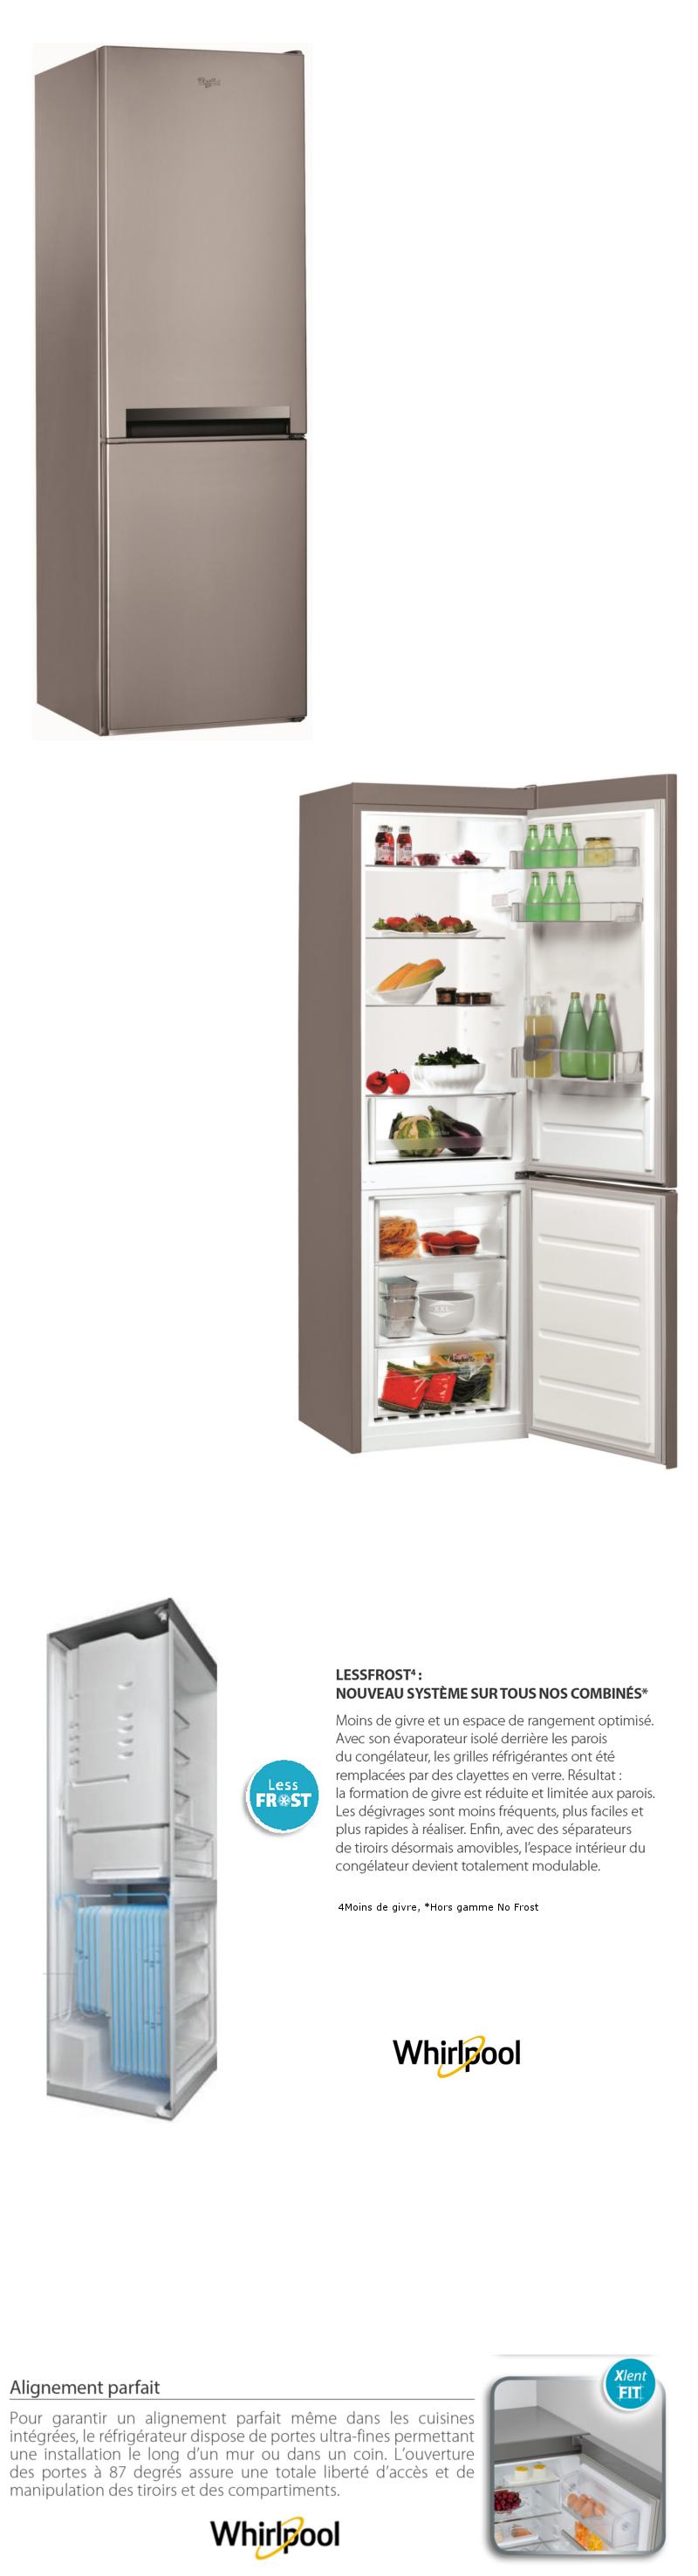 whirlpool blf8001ox -réfrigérateur congélateur bas-339l (228+111